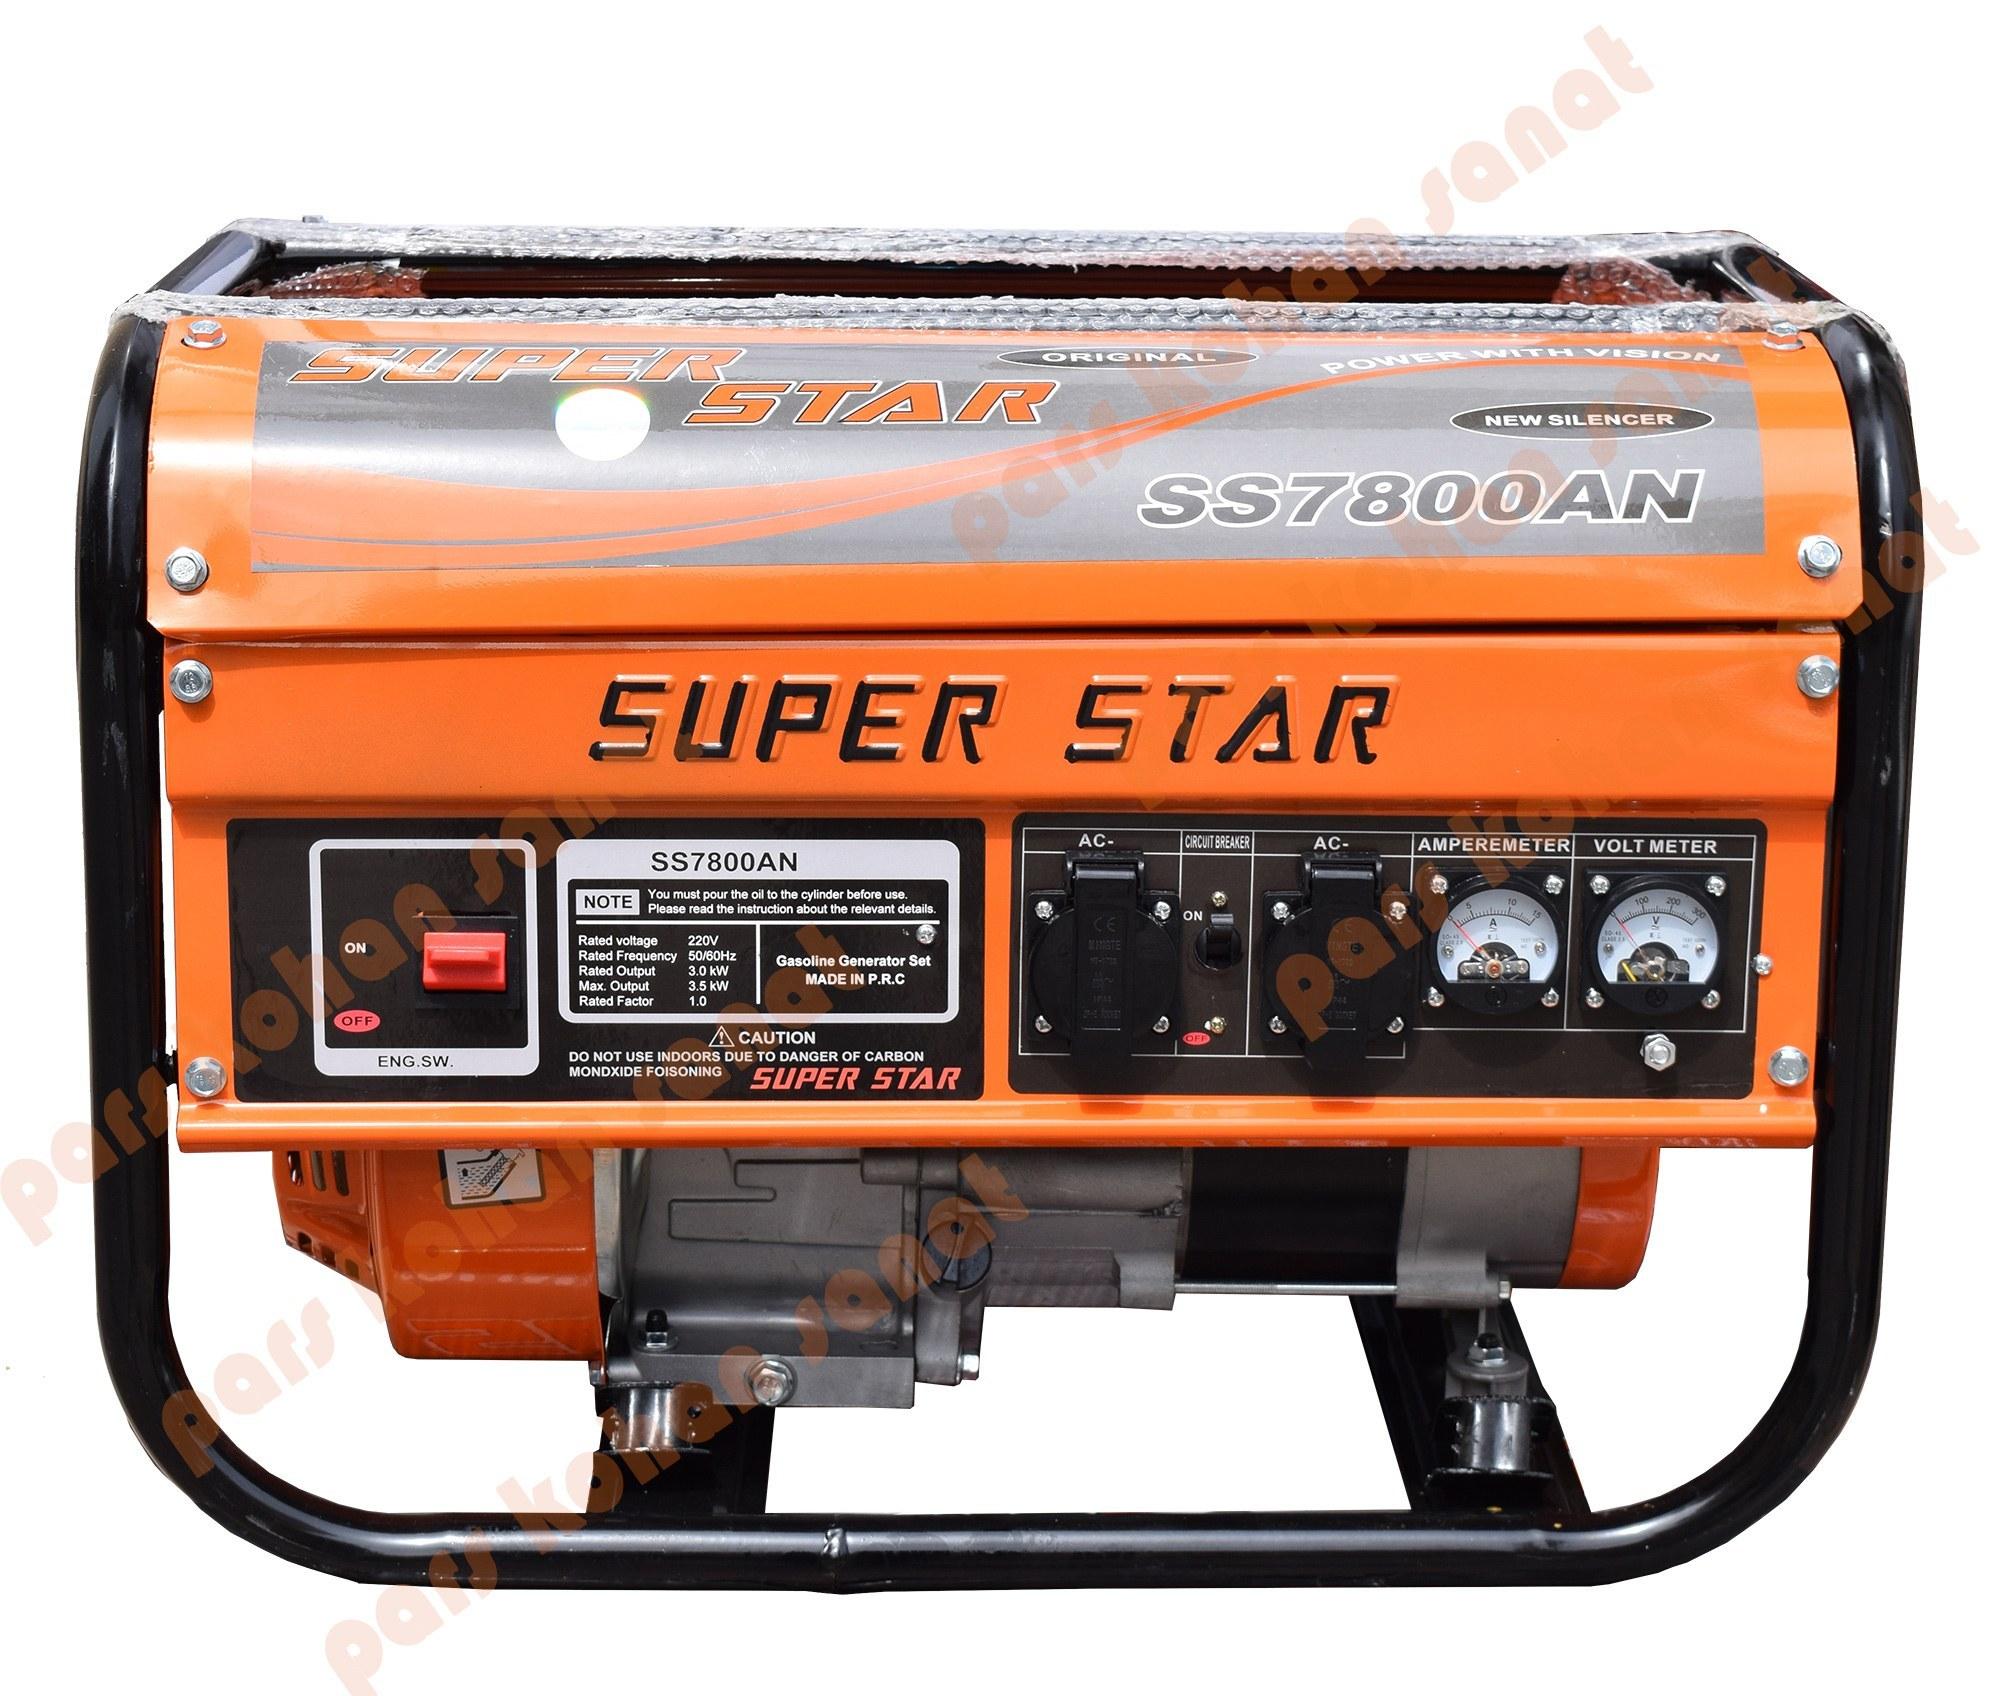 تصویر موتوربرق بنزینی سوپراستارSS7800AN Superstar7800AN